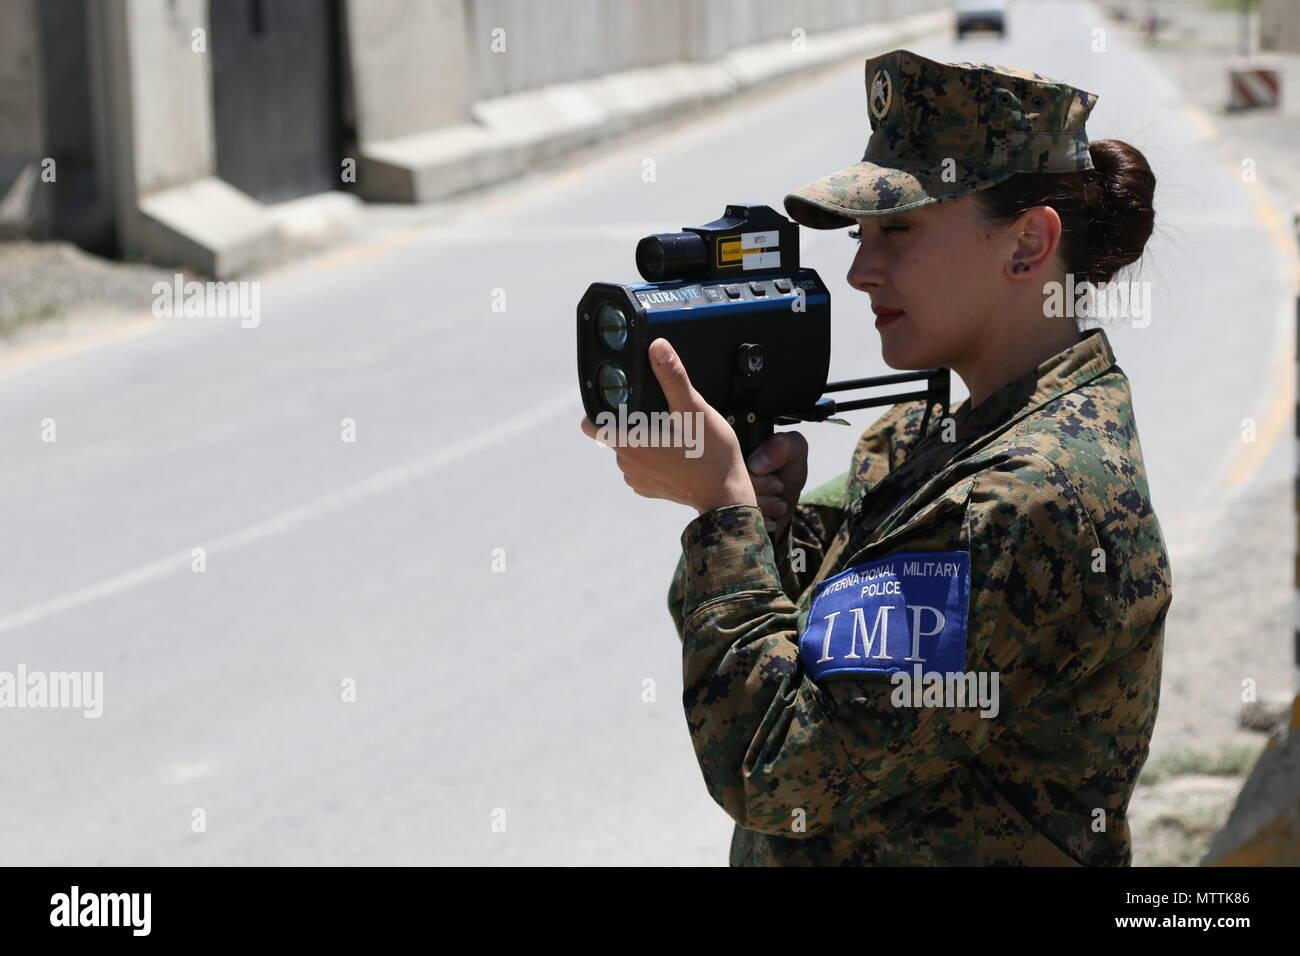 KABUL, Afghanistan (27 maggio 2018) - un militare internazionale di poliziotta dalle forze armate di Bosnia ed Erzegovina conduce una routine di pattuglia di traffico in corrispondenza di Hamid Karzai Aeroporto Internazionale, 27 maggio 2018. La Bosnia ed Erzegovina sono una delle 39 nazioni che giocano un ruolo integrante nella NATO-led supporto risoluto di missione. (Sostegno risoluto foto di Giordania Belser) Foto Stock